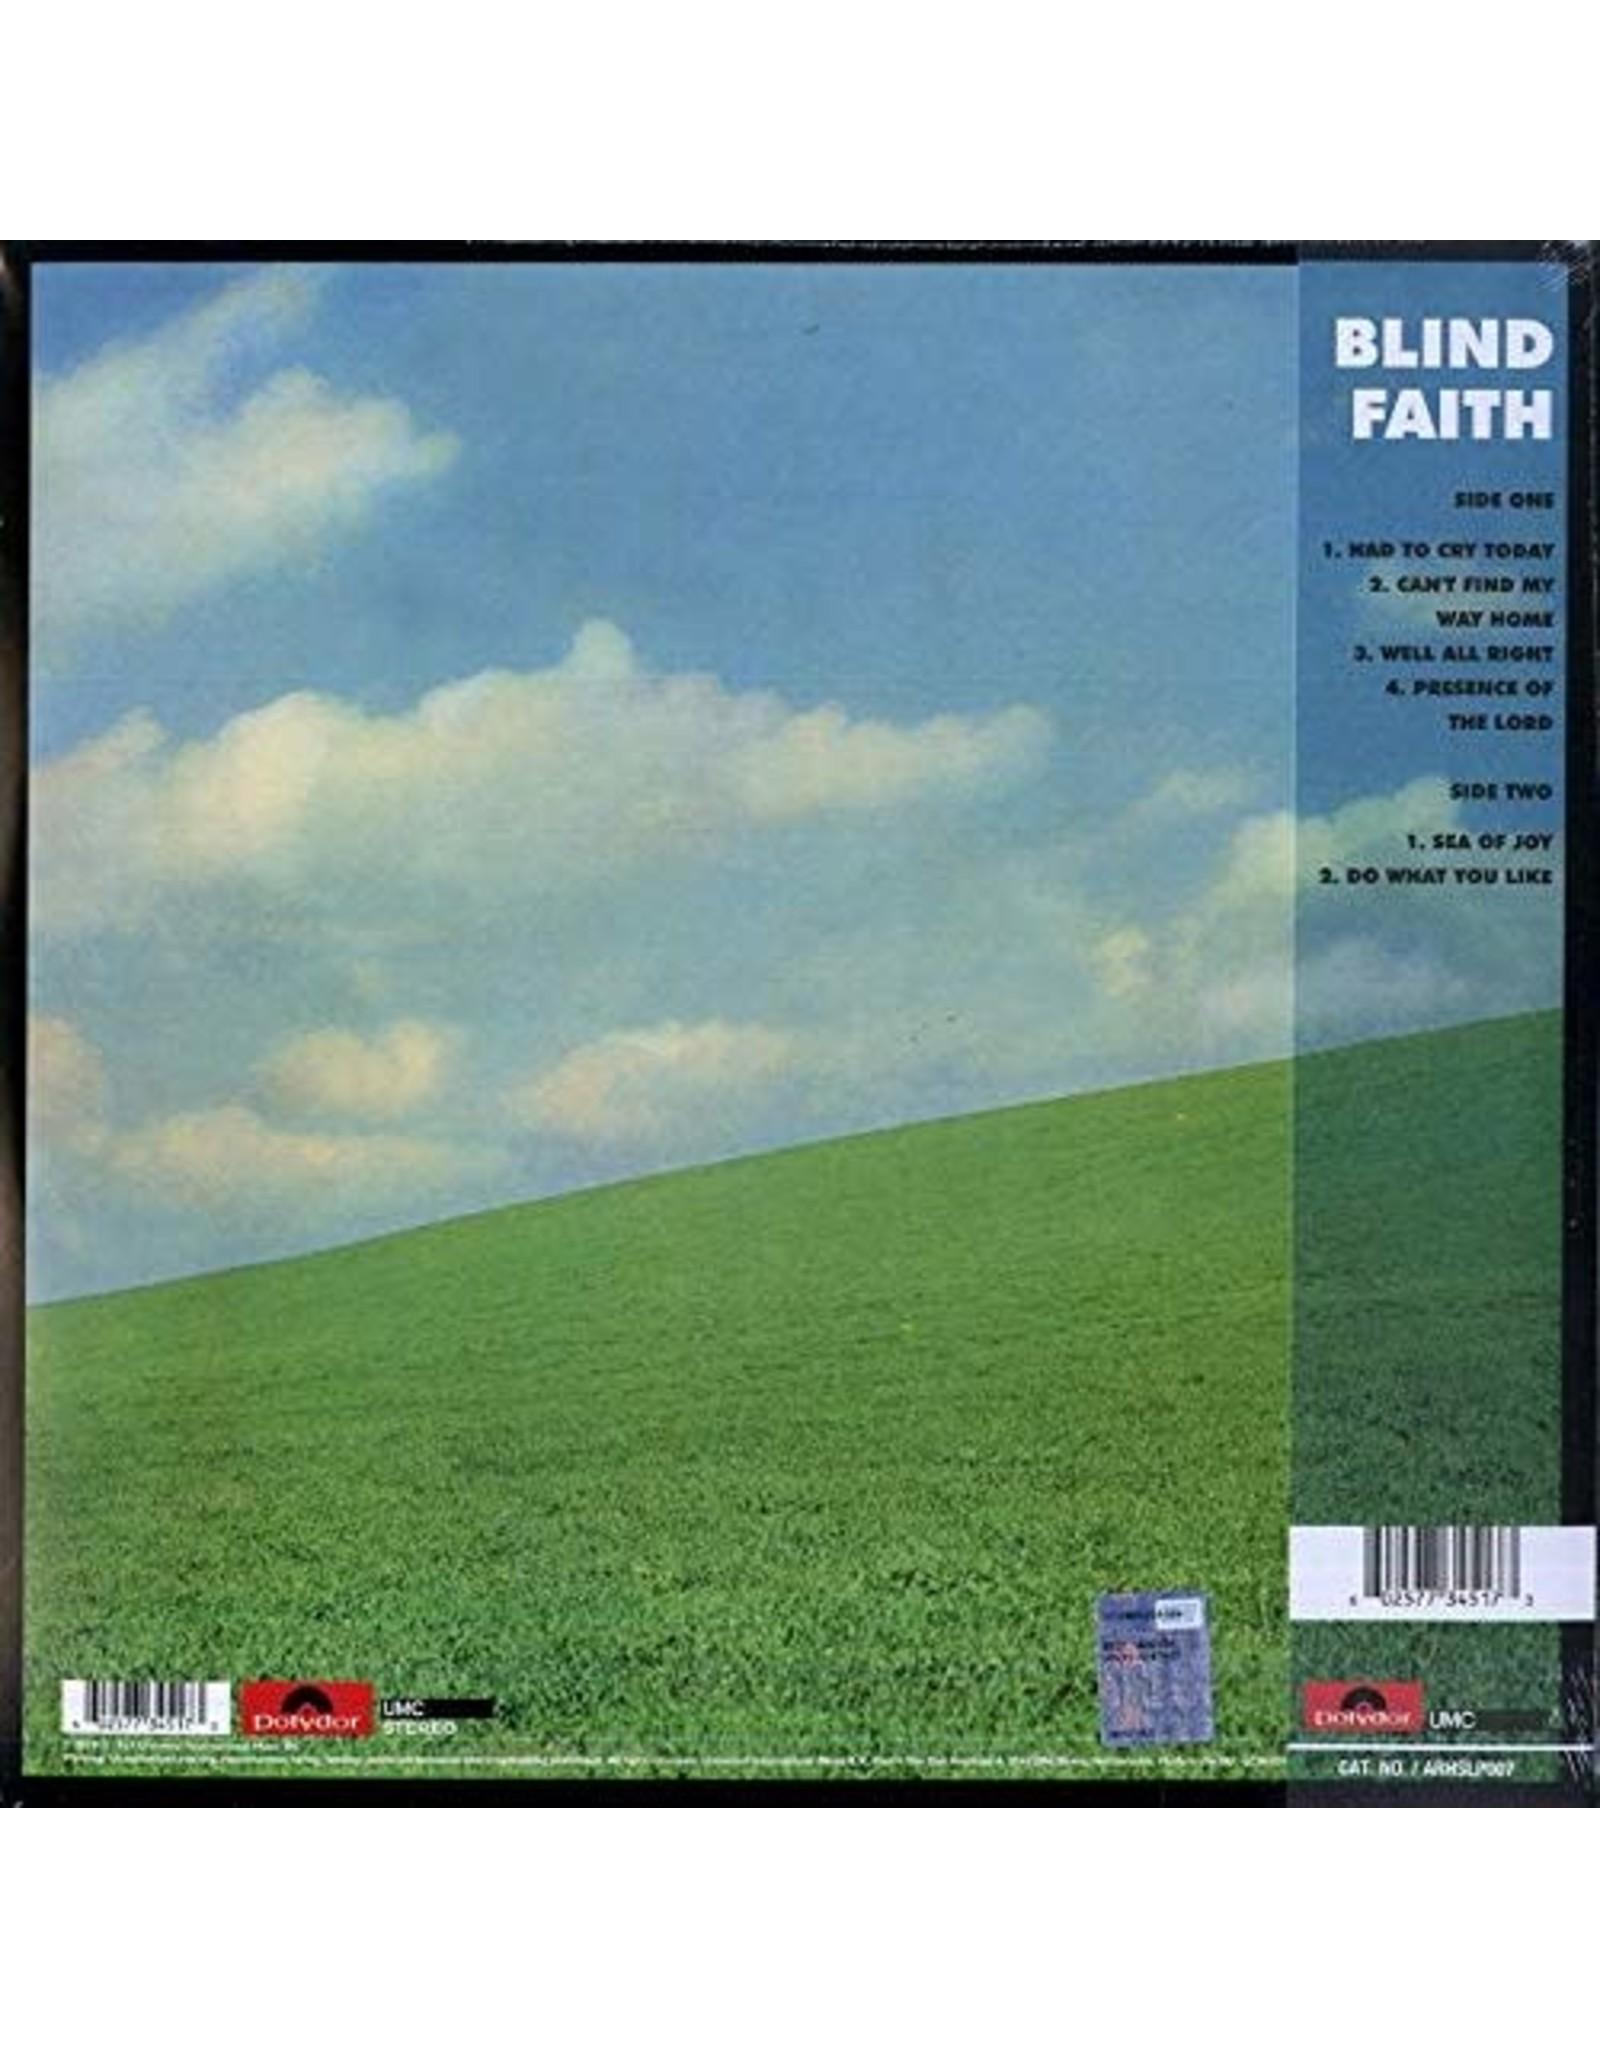 Blind Faith - Blind Faith (Abbey Road Remaster)